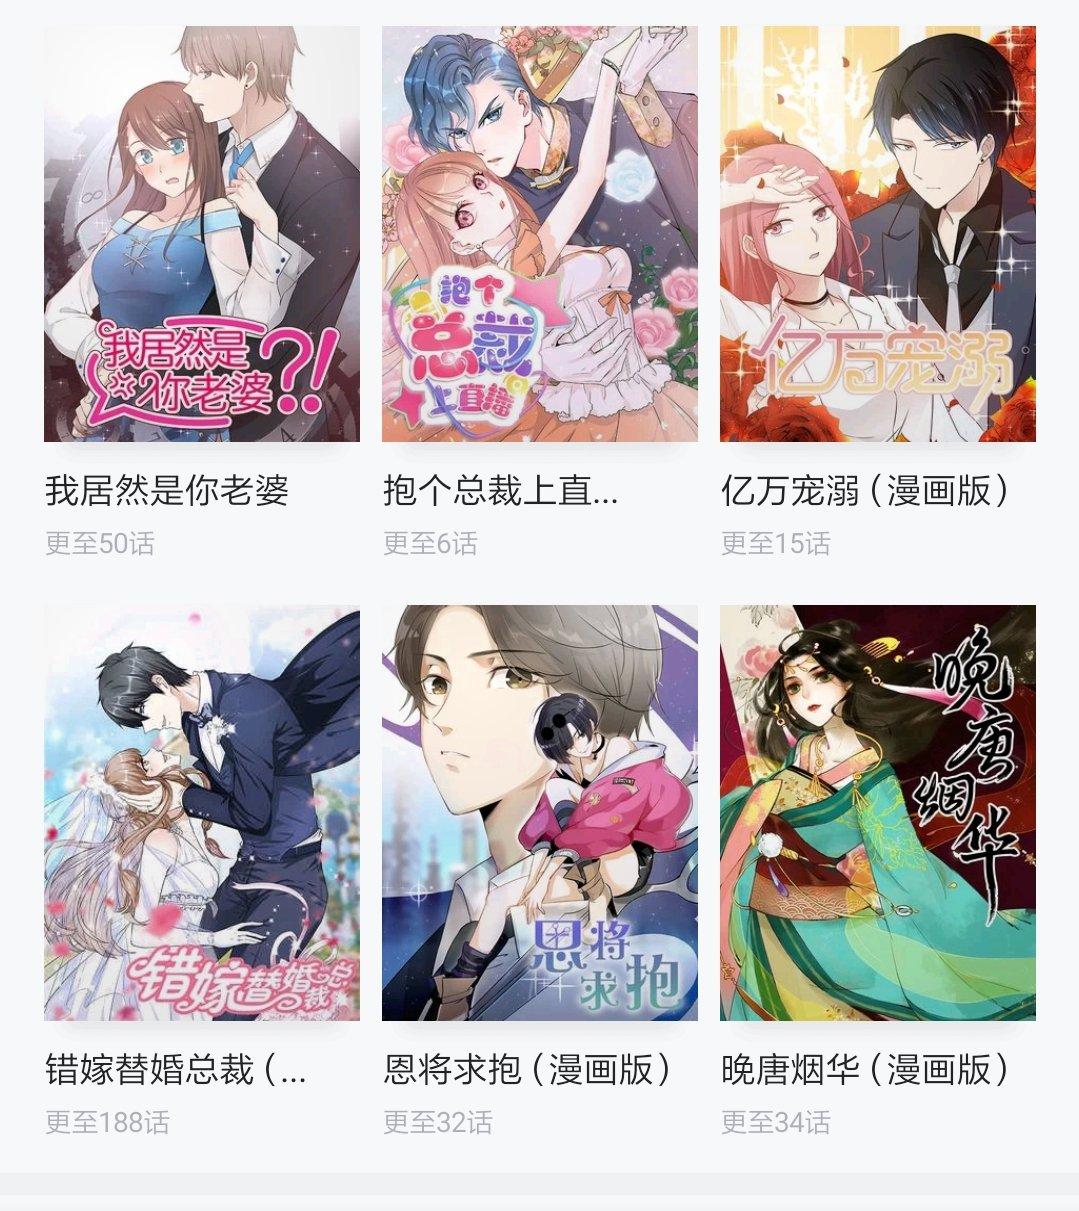 全新漫画小说搜索神器⭕️漫画搜⭕️小说搜⭕️完美去广版6